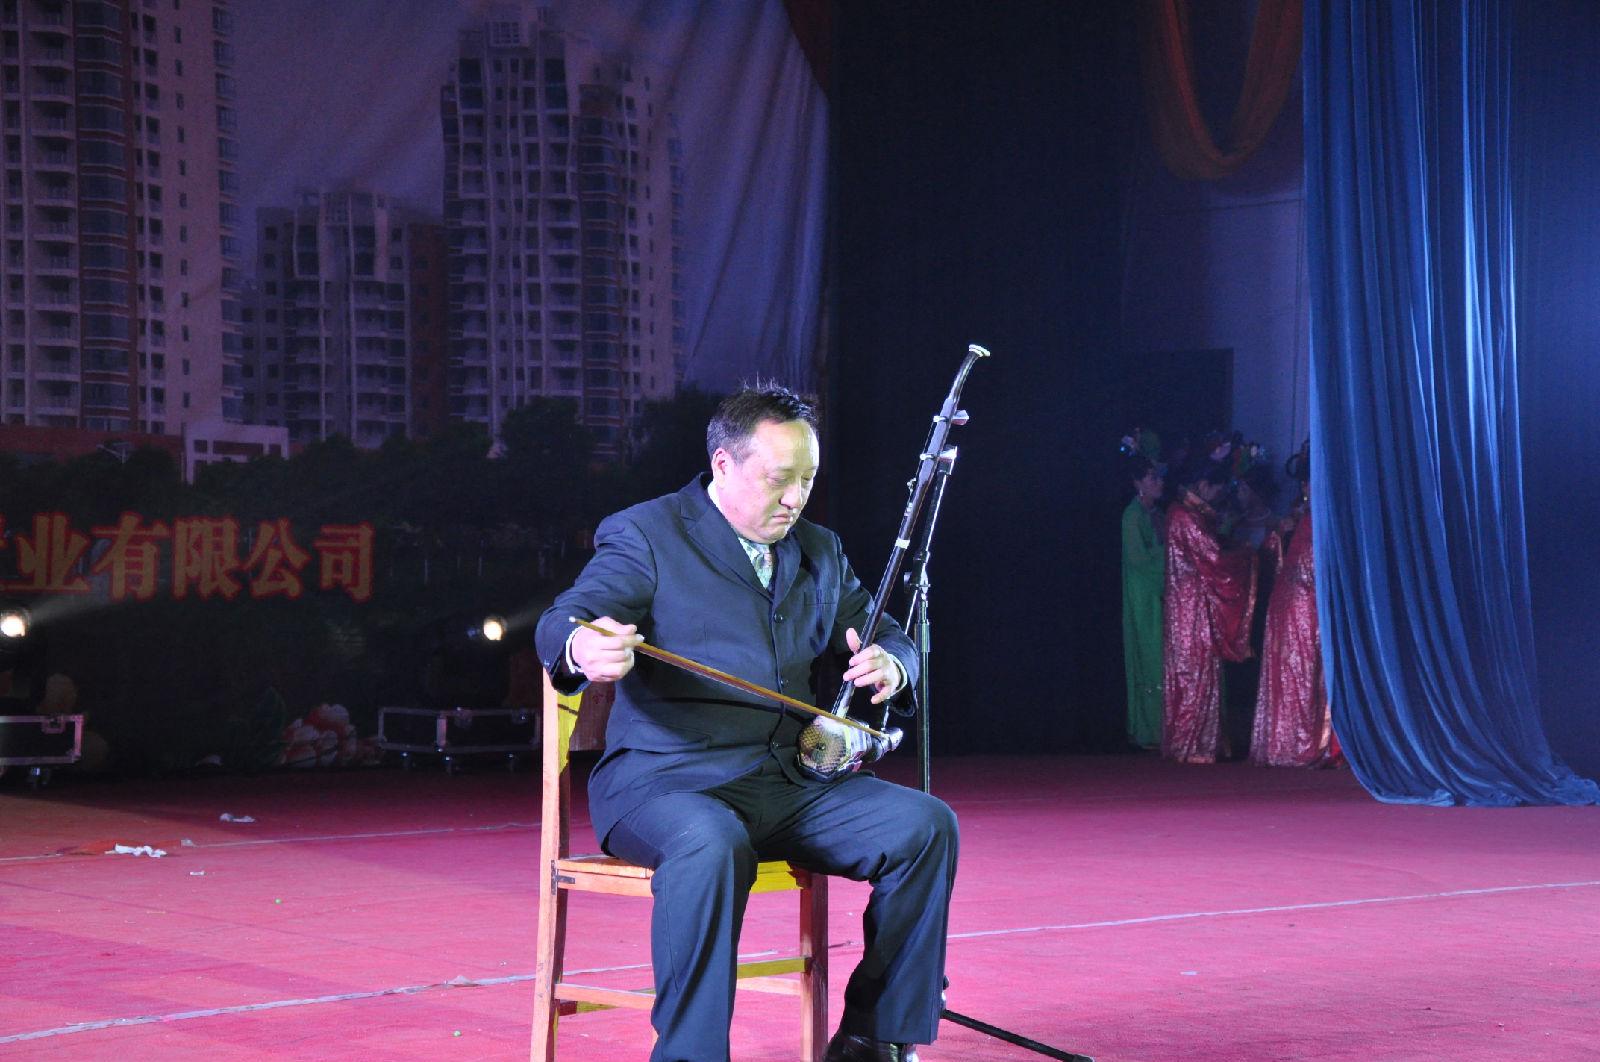 南阳市著名青年歌手门红霞的《人间第一情》等节目让观众们目不暇接